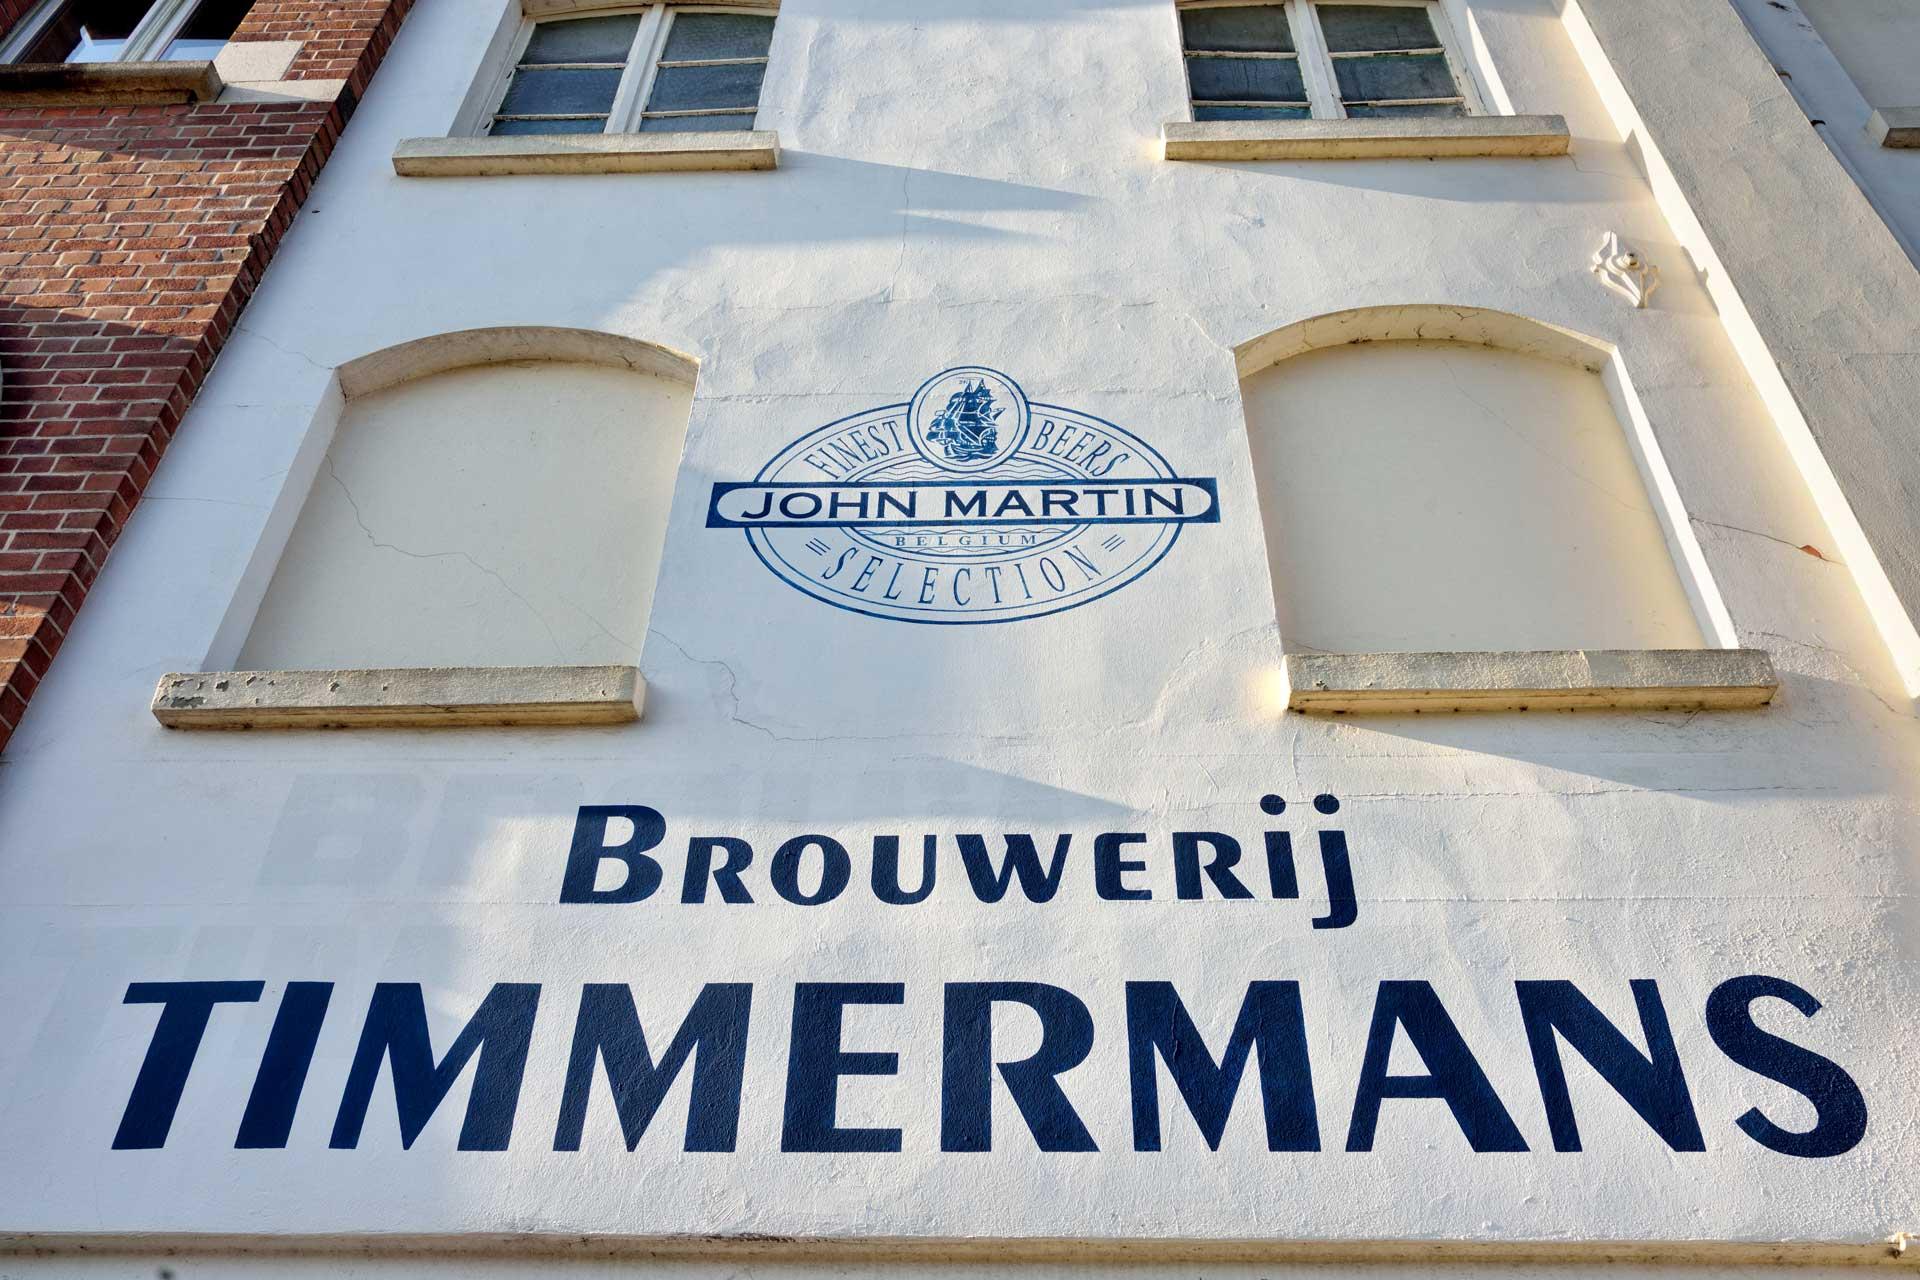 La Brasserie de Waterloo, Brouwerij Timmermans e la Bourgogne des Flandres Brewery: la grande famiglia allargata di John Martin